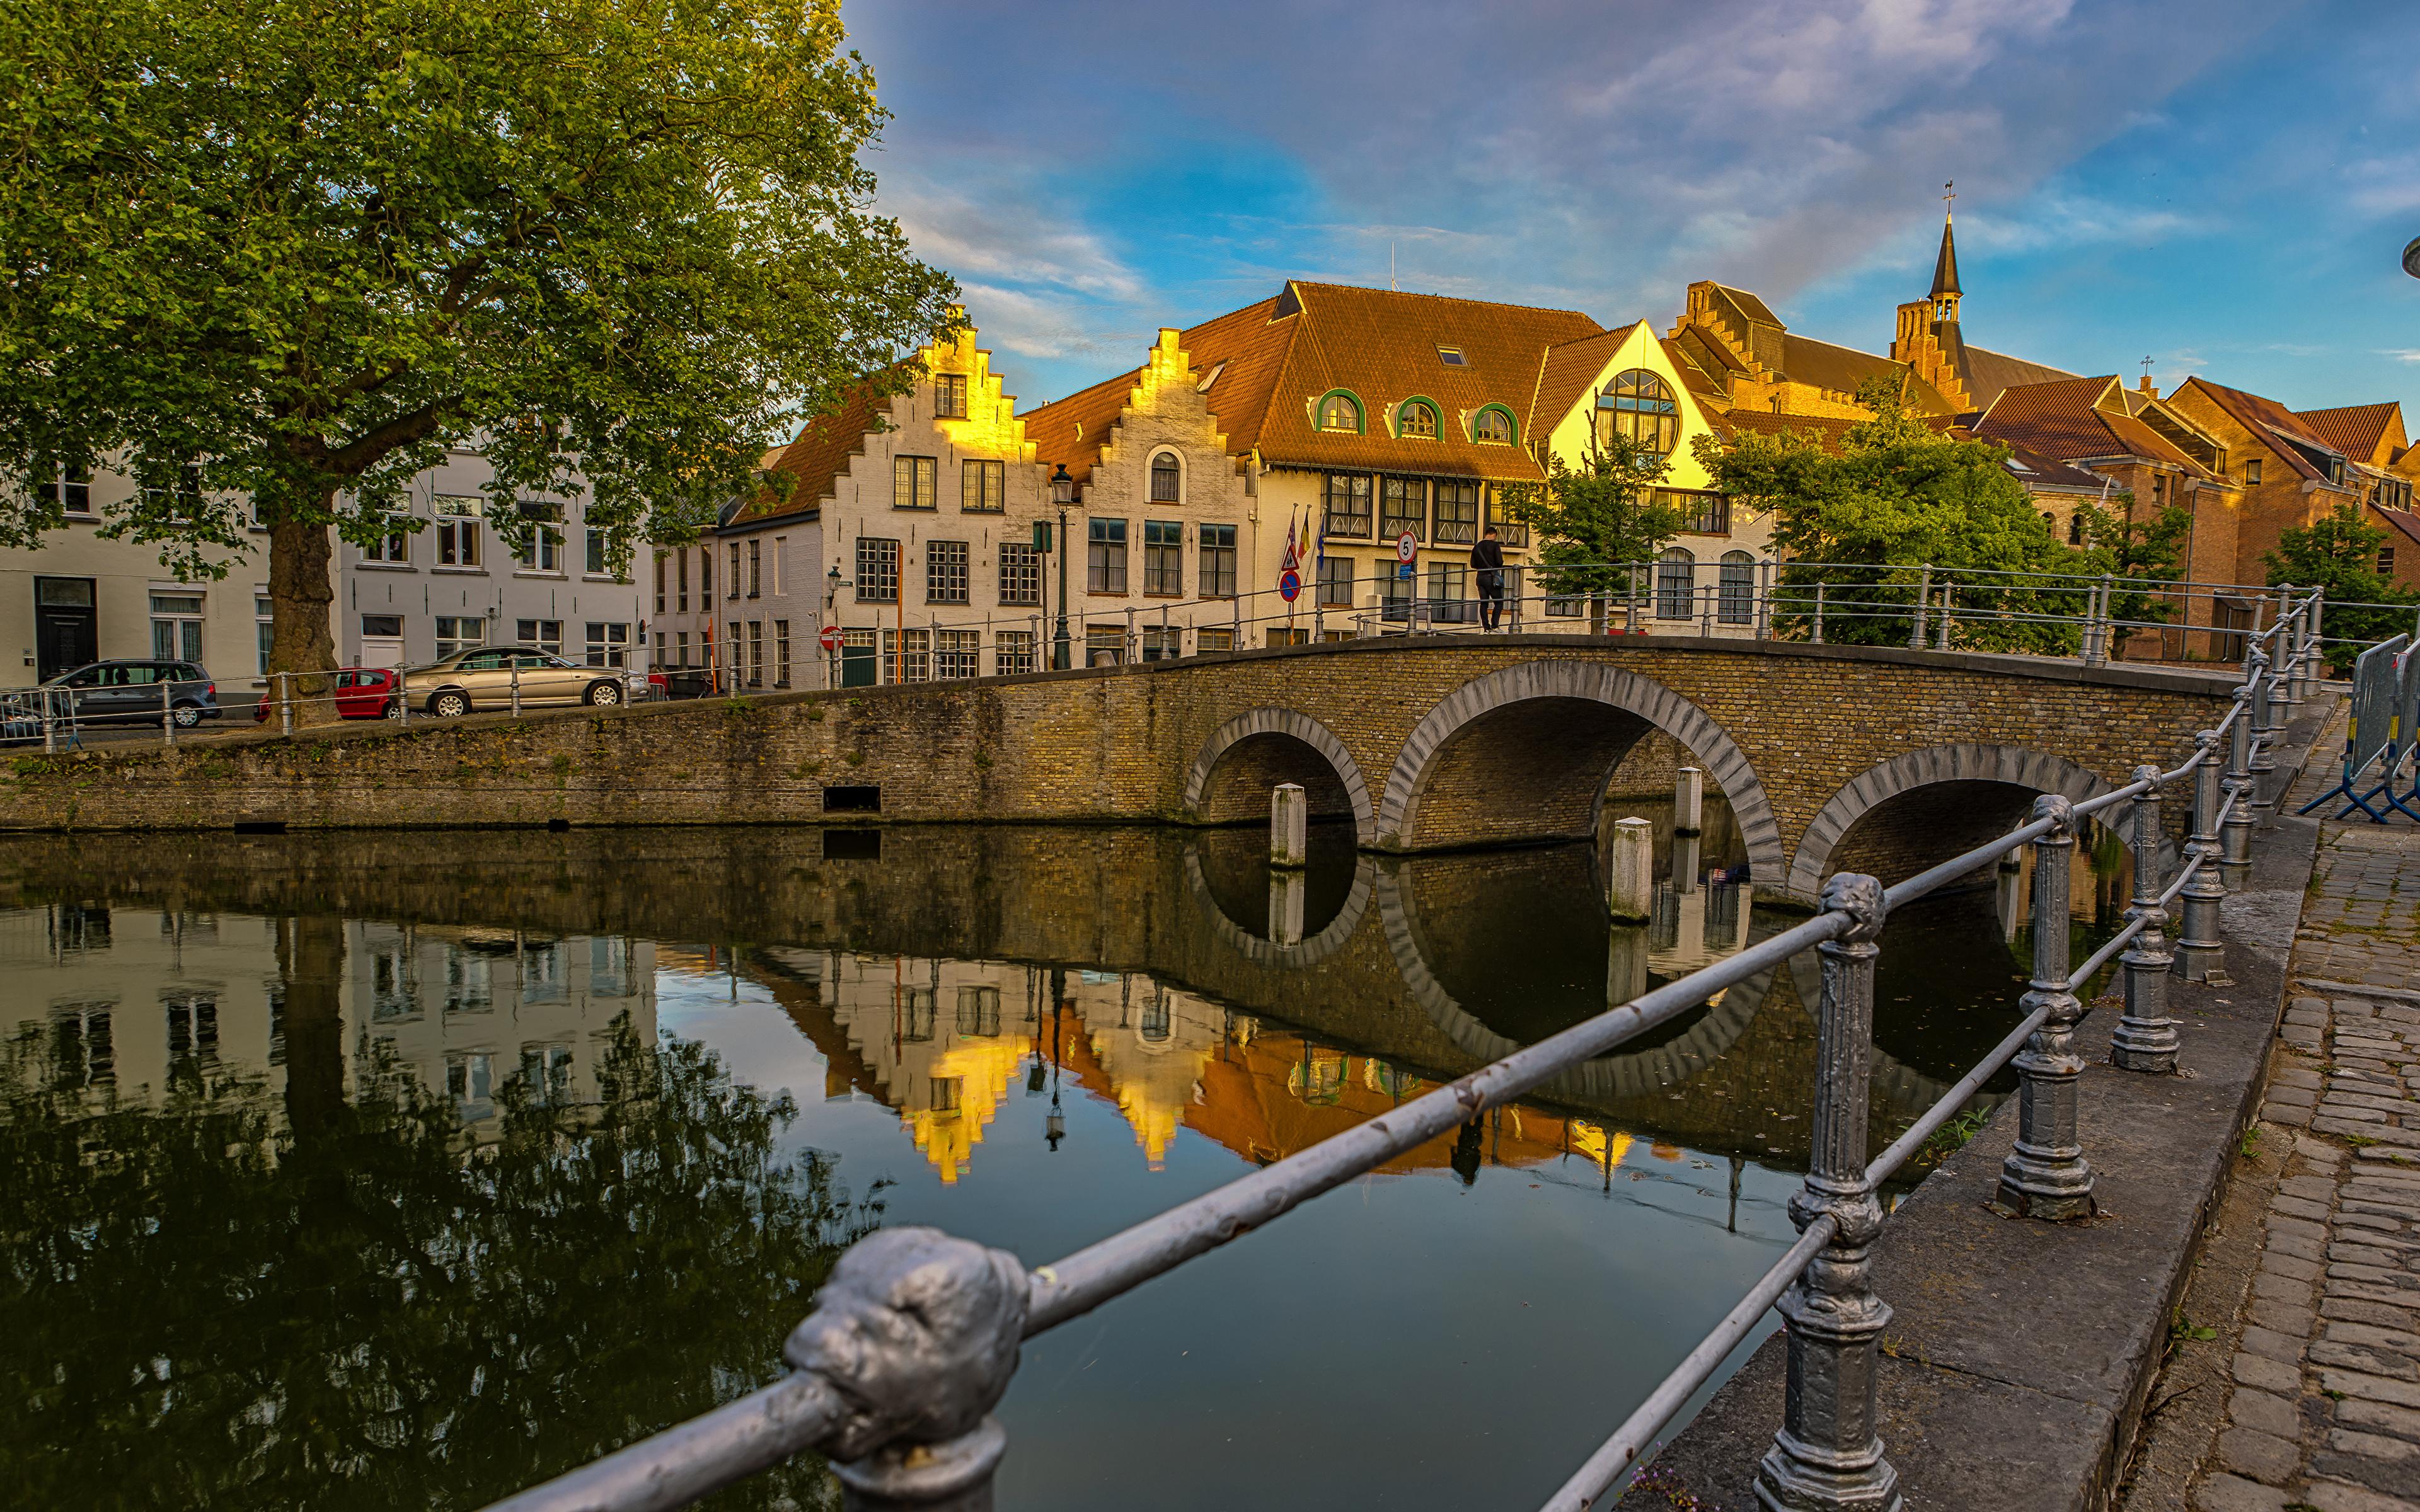 Фото Бельгия Brugge Мосты Водный канал ограда Дома Города 3840x2400 Забор Здания